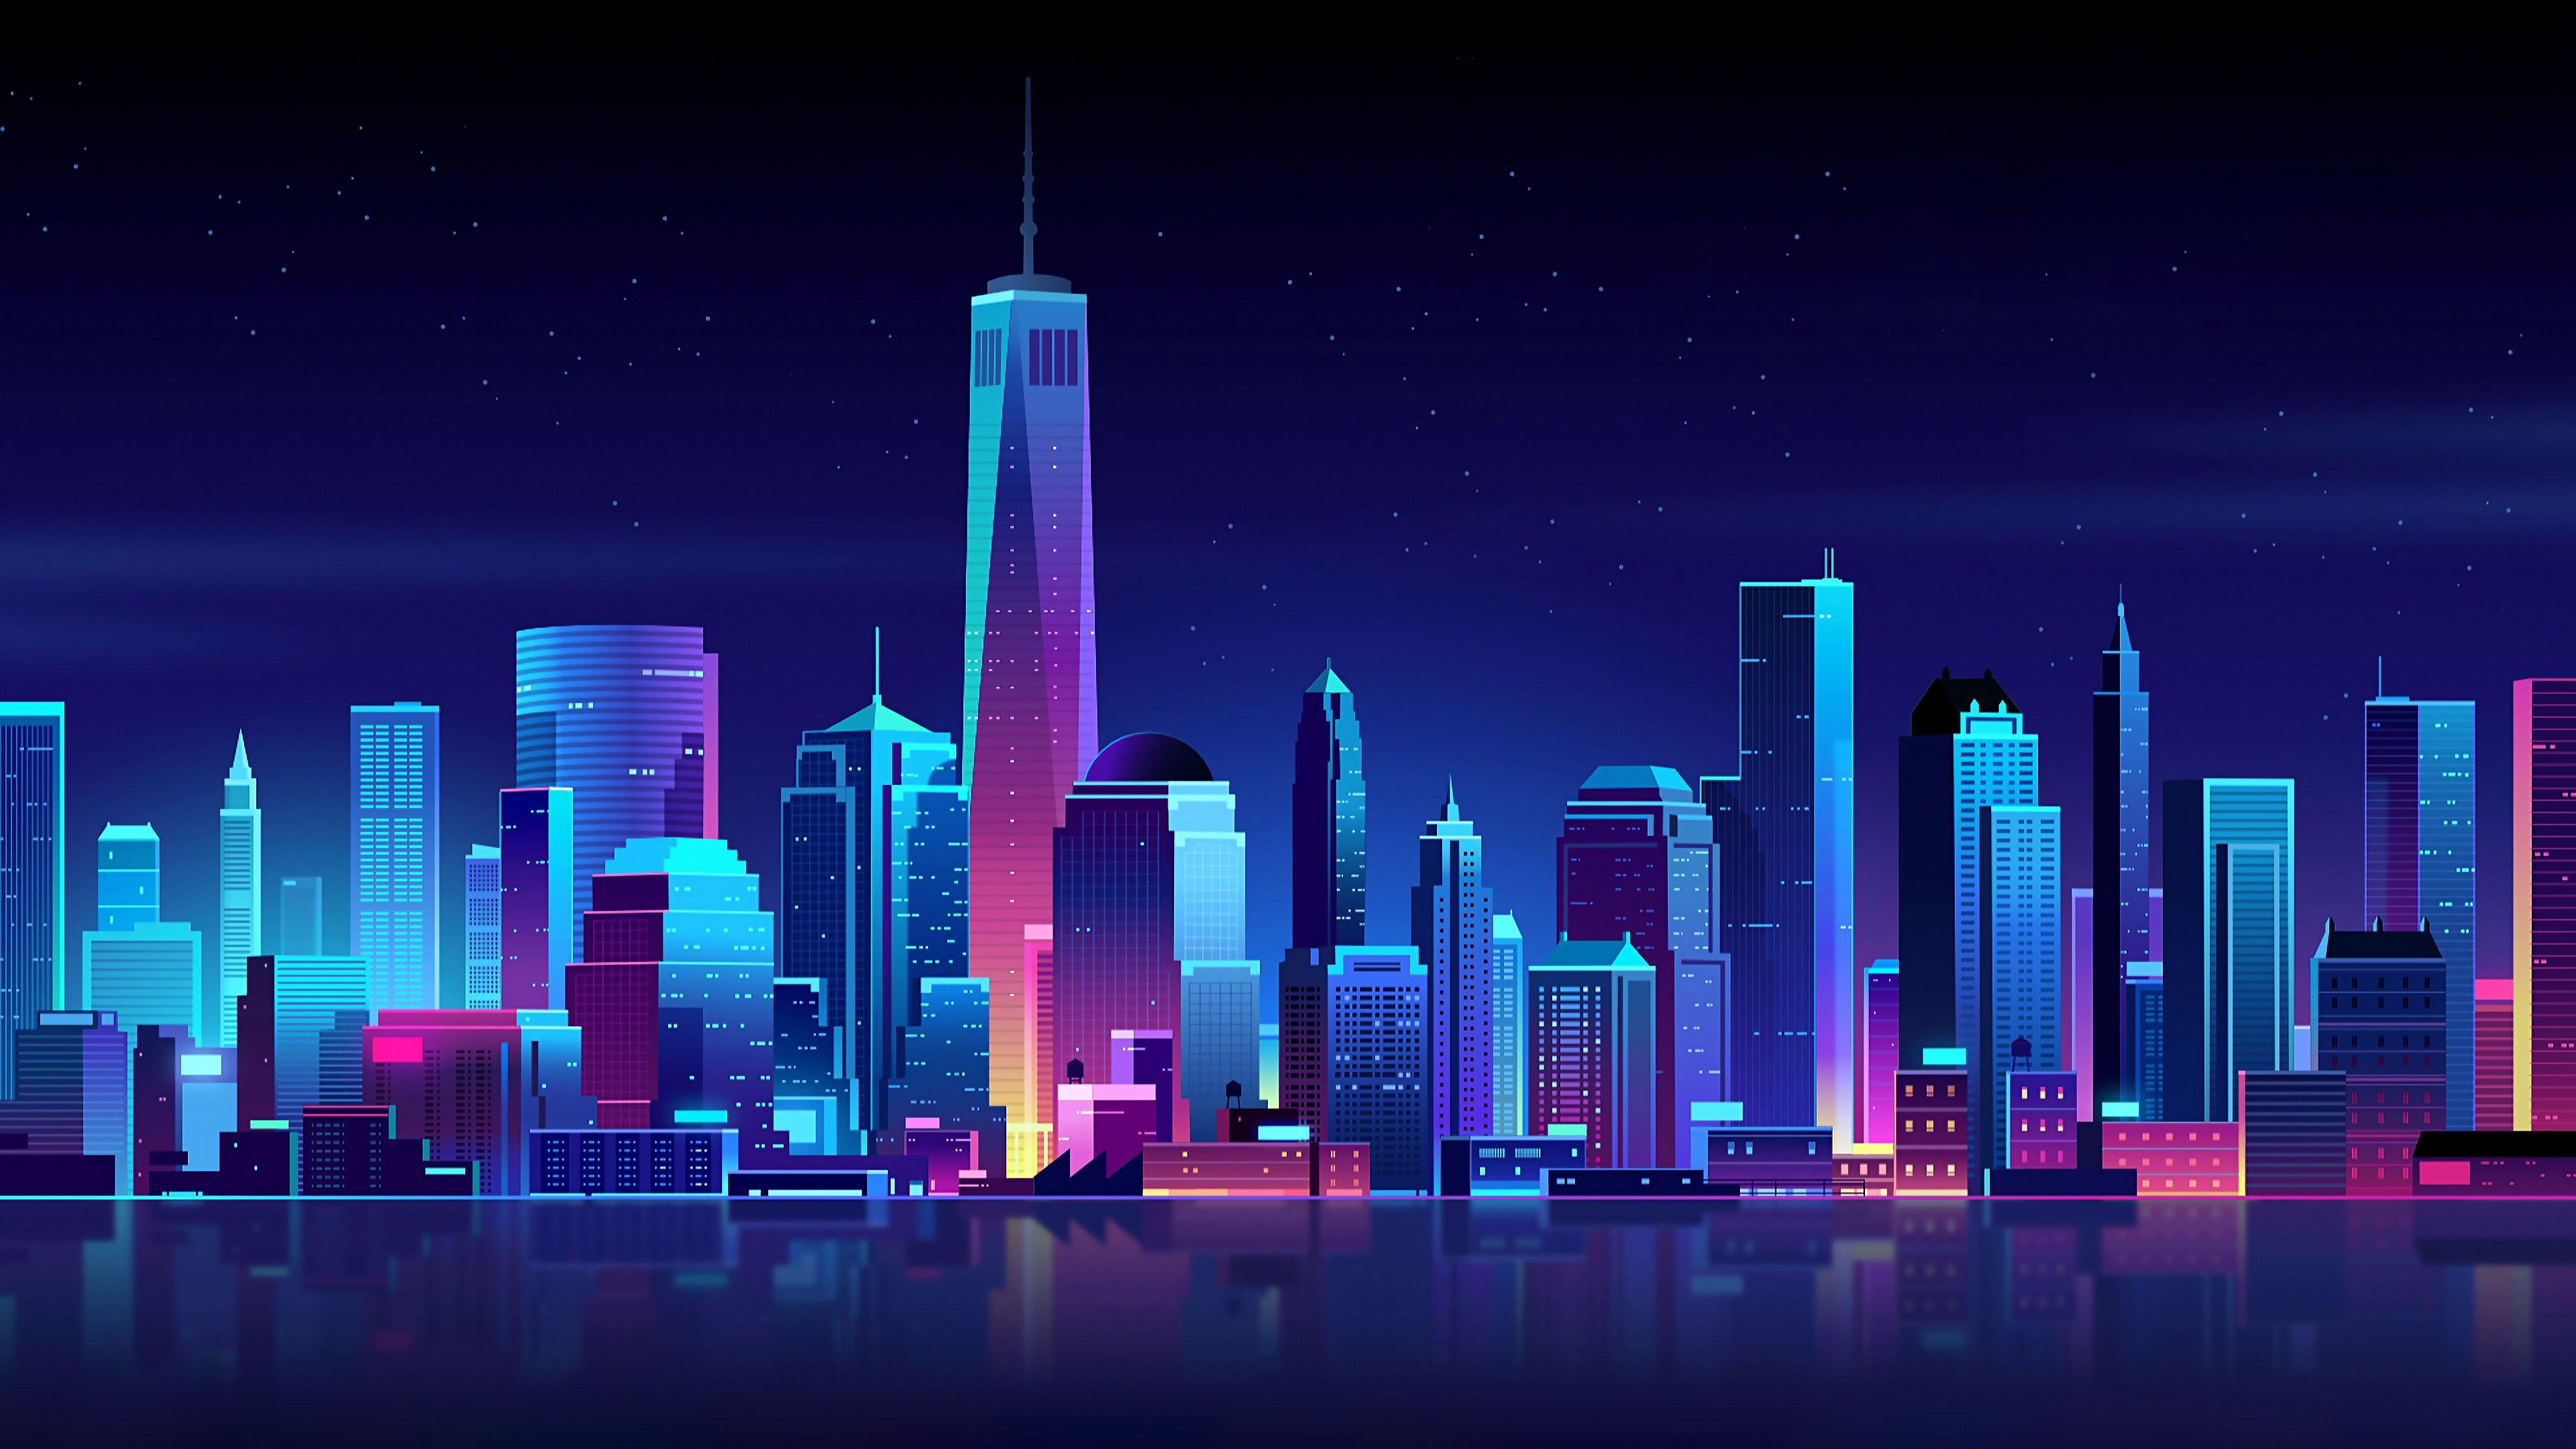 Fondos de pantalla Ciudad nocturna en arte neón